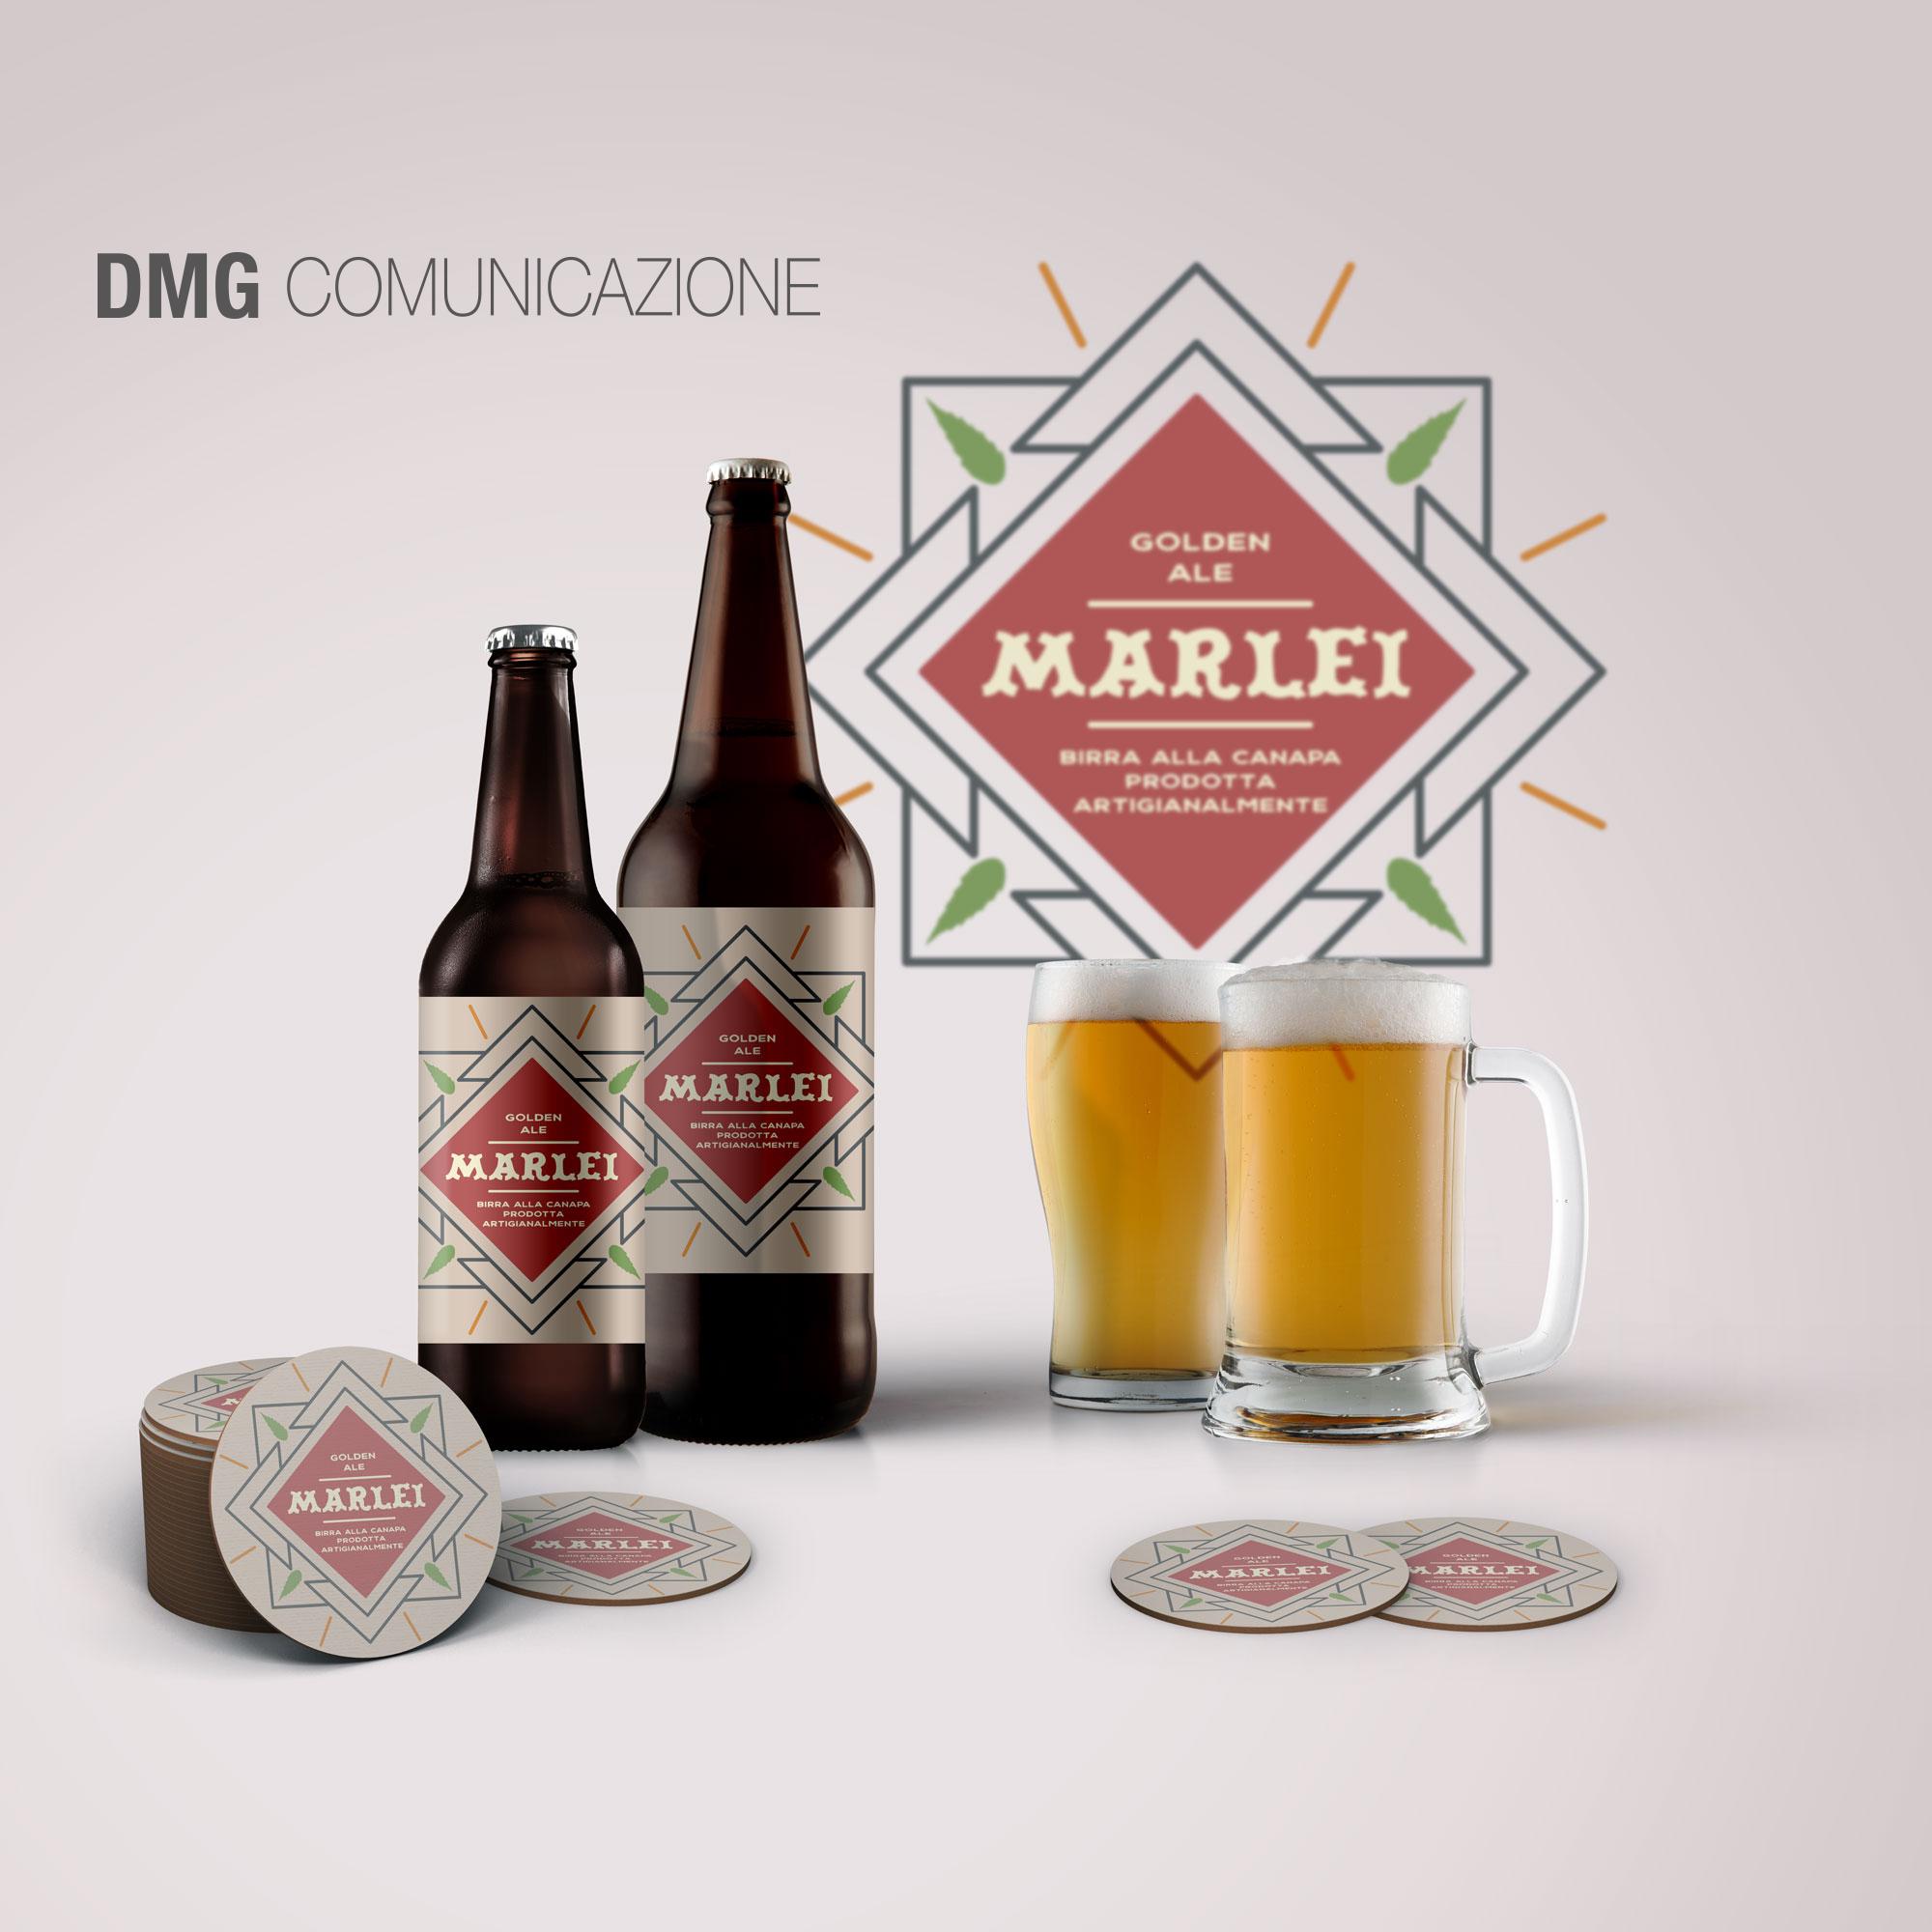 Mockup-birra alla canapa Marlei - icanapai copia